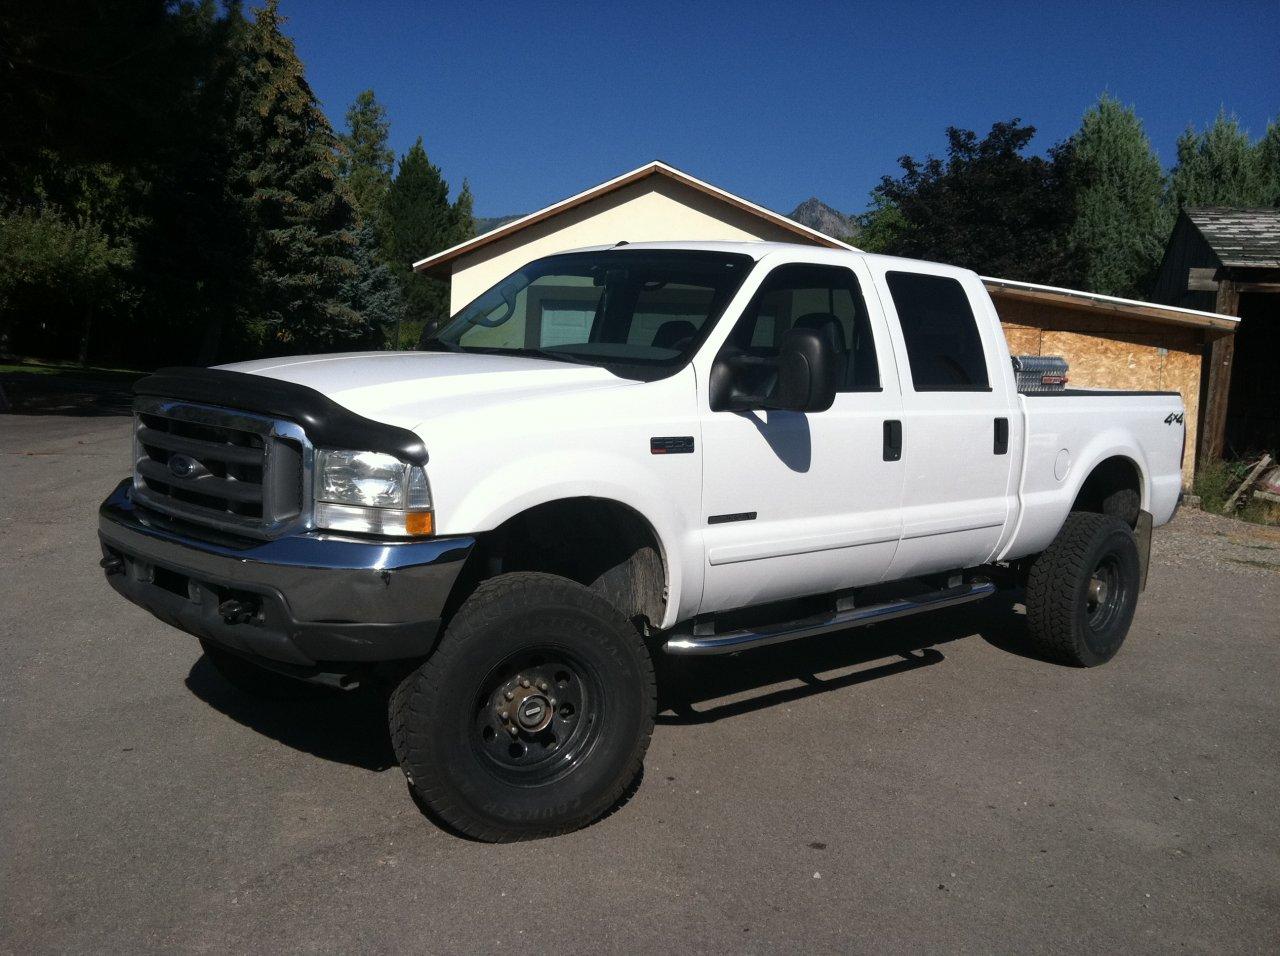 Tundra With 4runner Wheels >> (Utah) 2002 7.3L F350 4x4 CC SB Lifted, Lockers, 139k, new trans, injectors | IH8MUD Forum